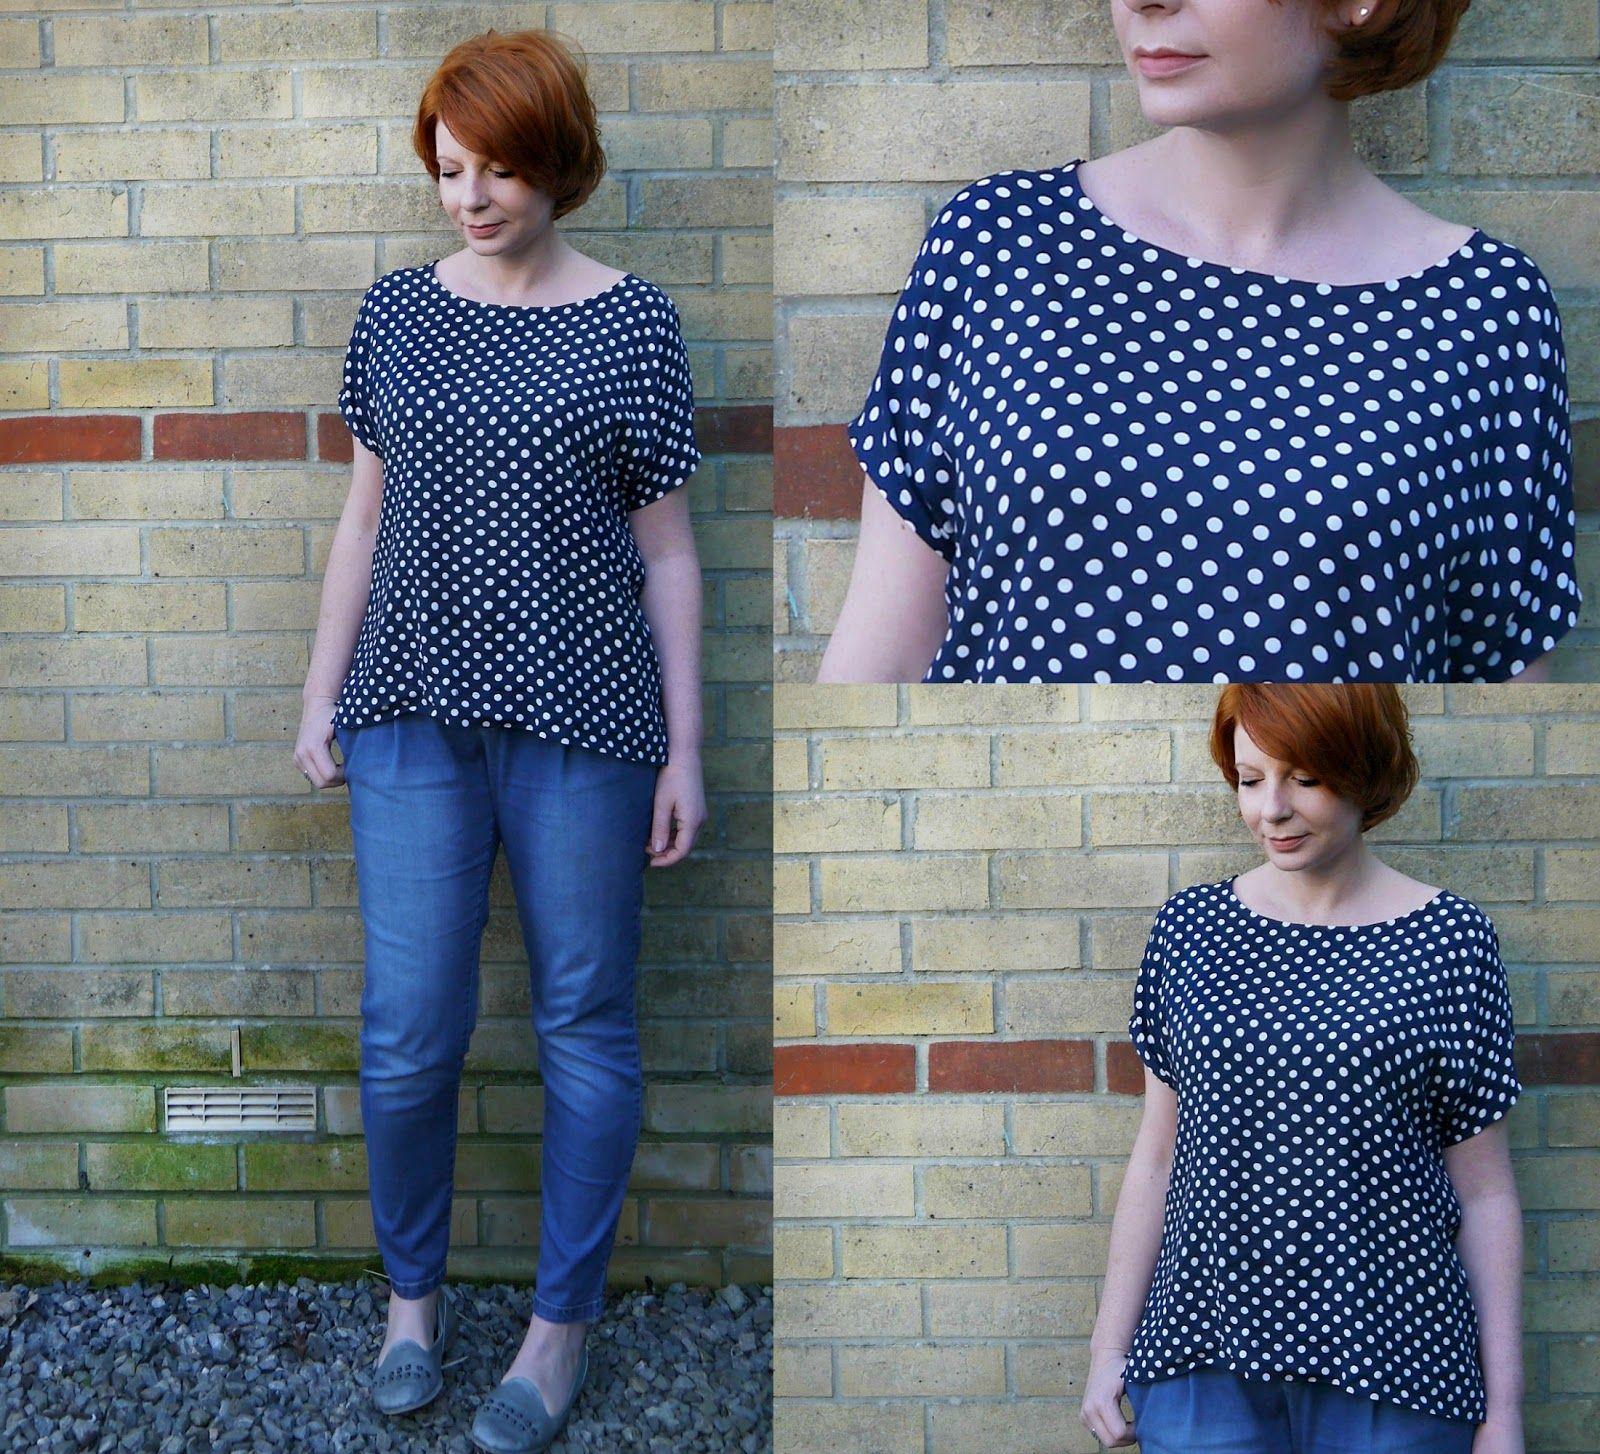 Refashion Polka Dot skirt to Tee Diy clothes refashion